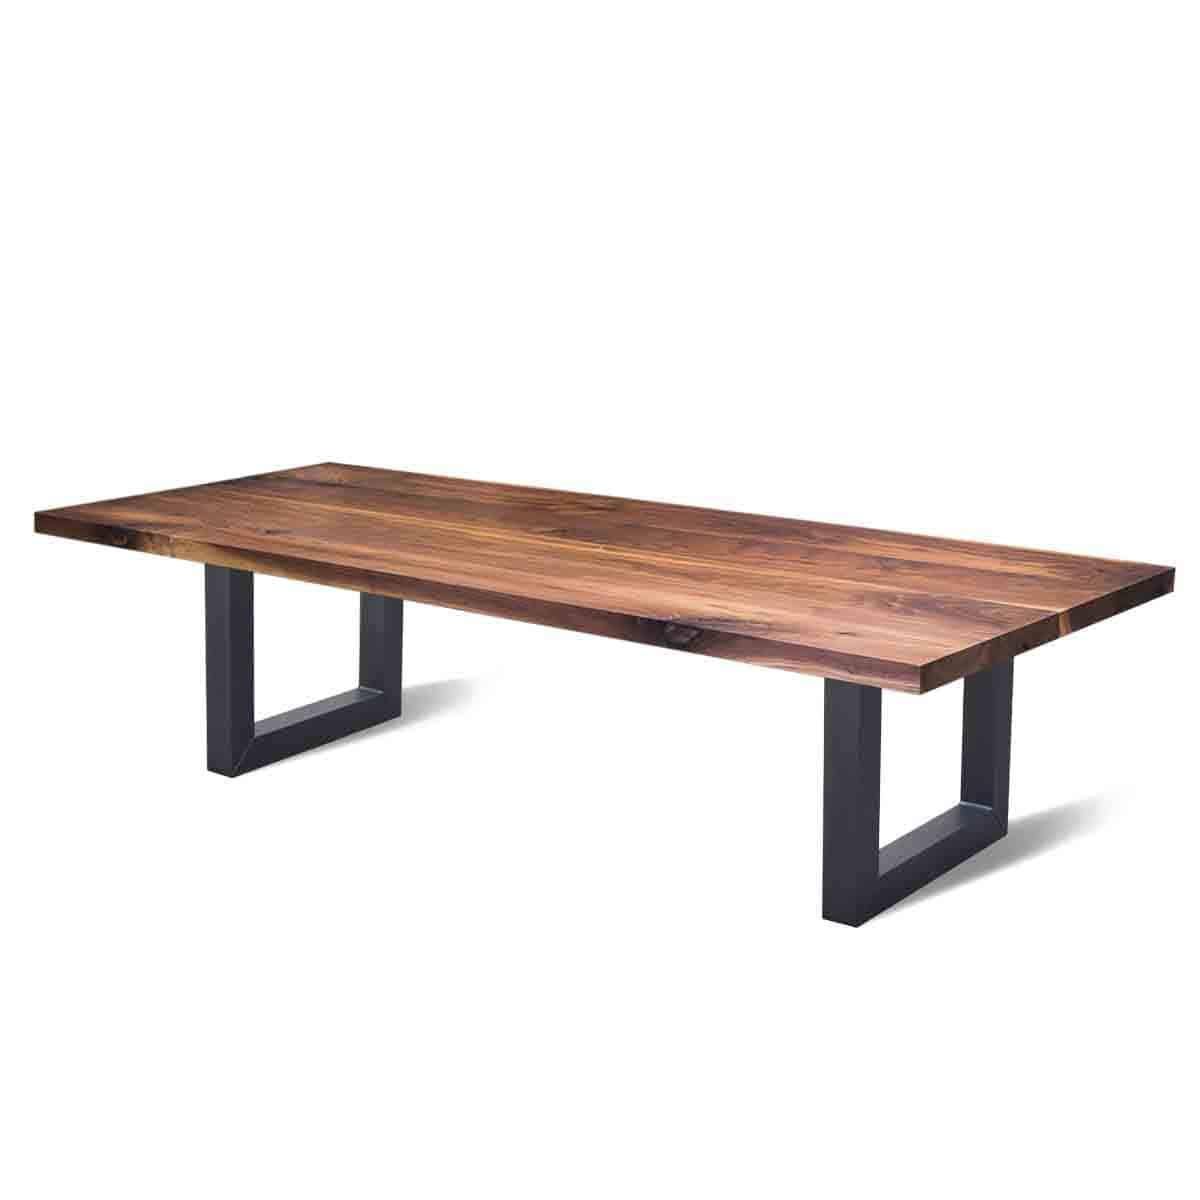 recht industriële eetkamer eettafel walnoten hout staal